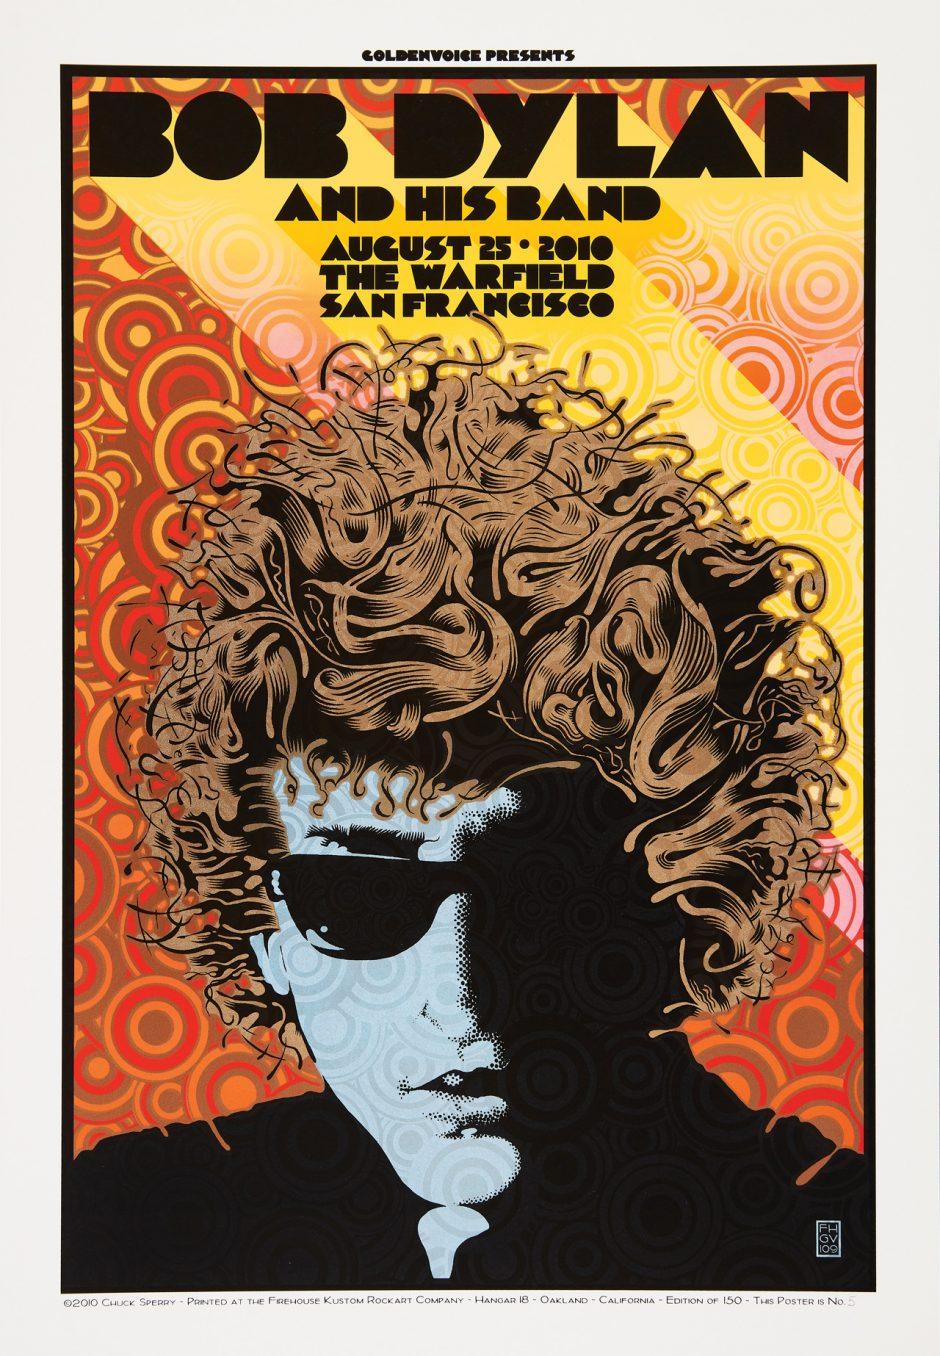 Bob Dylan concert poster